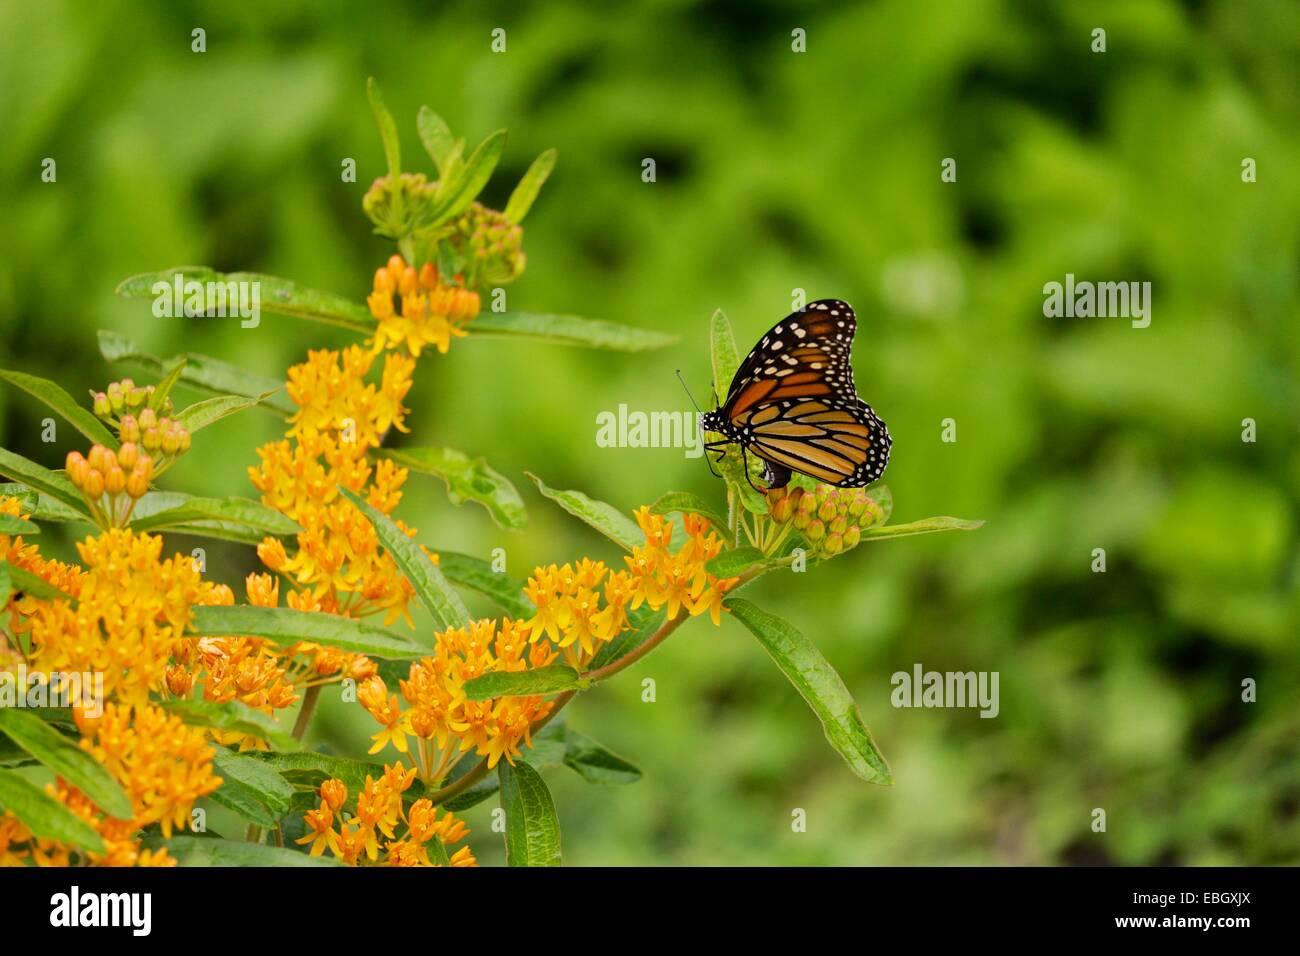 Monarch butterfly eggs